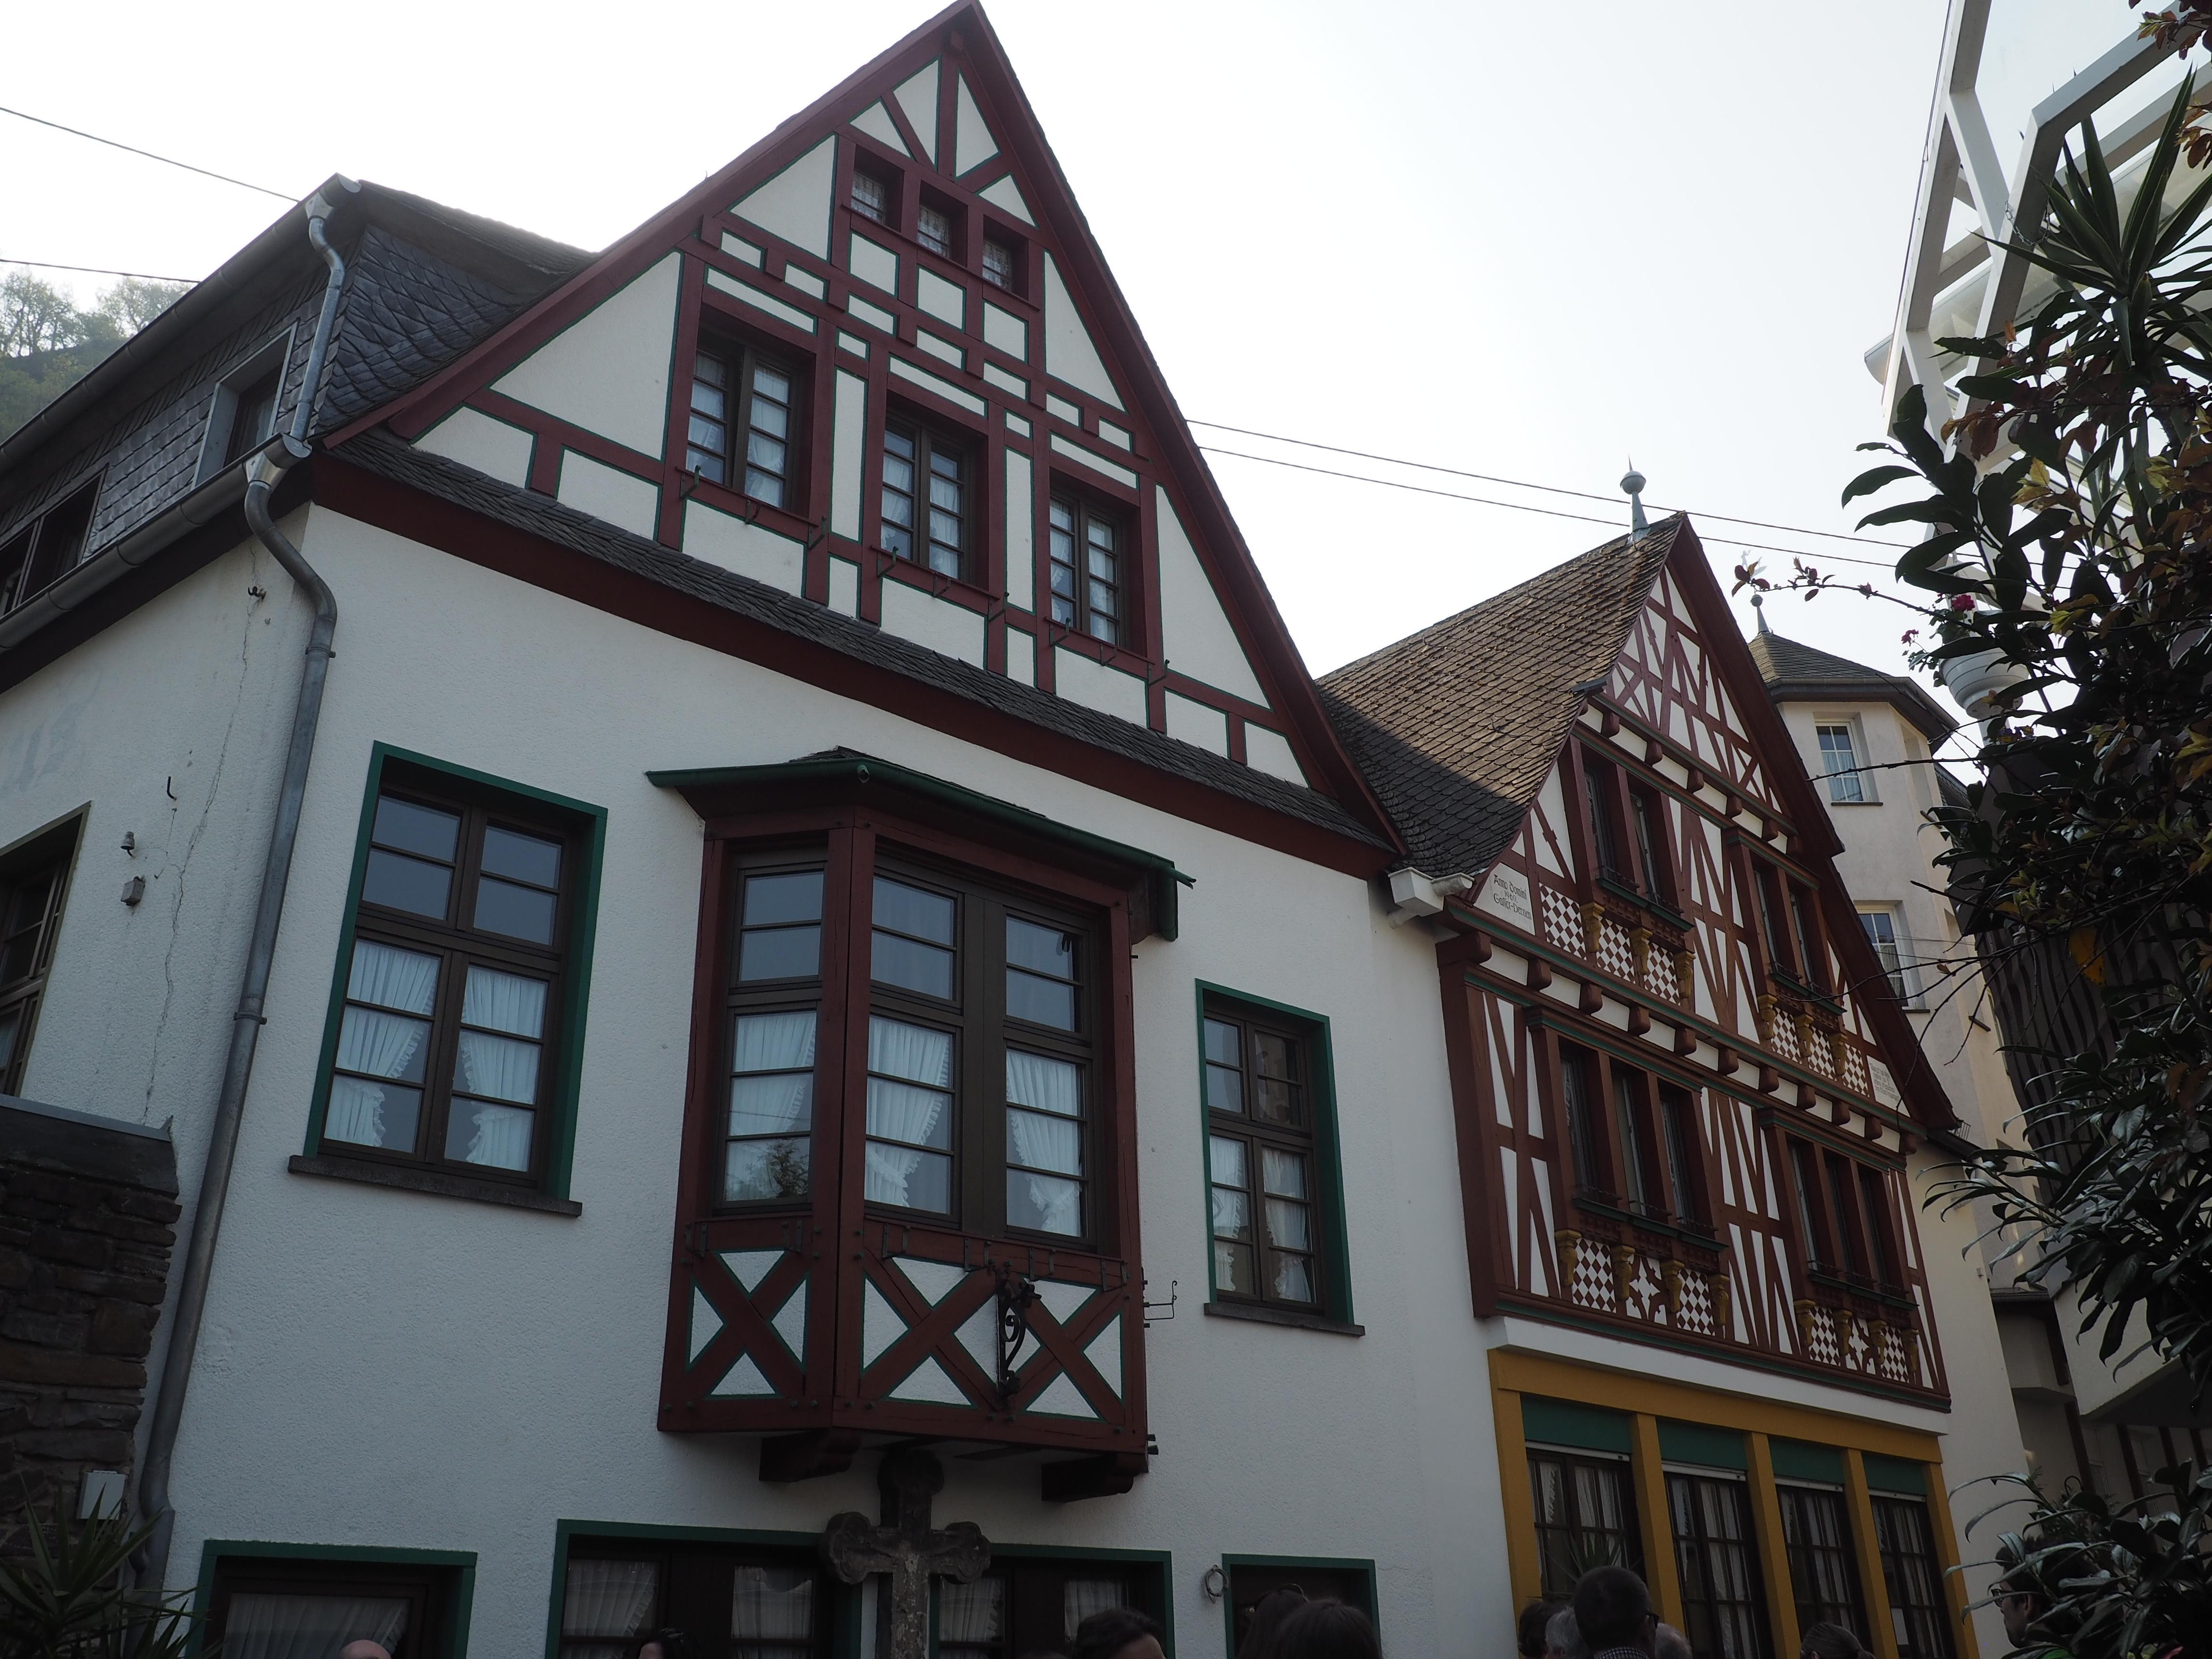 Wunderschöne Fachwerkhäuser, entdeckt bei der Ortsführung in Brodenbach an der Mosel